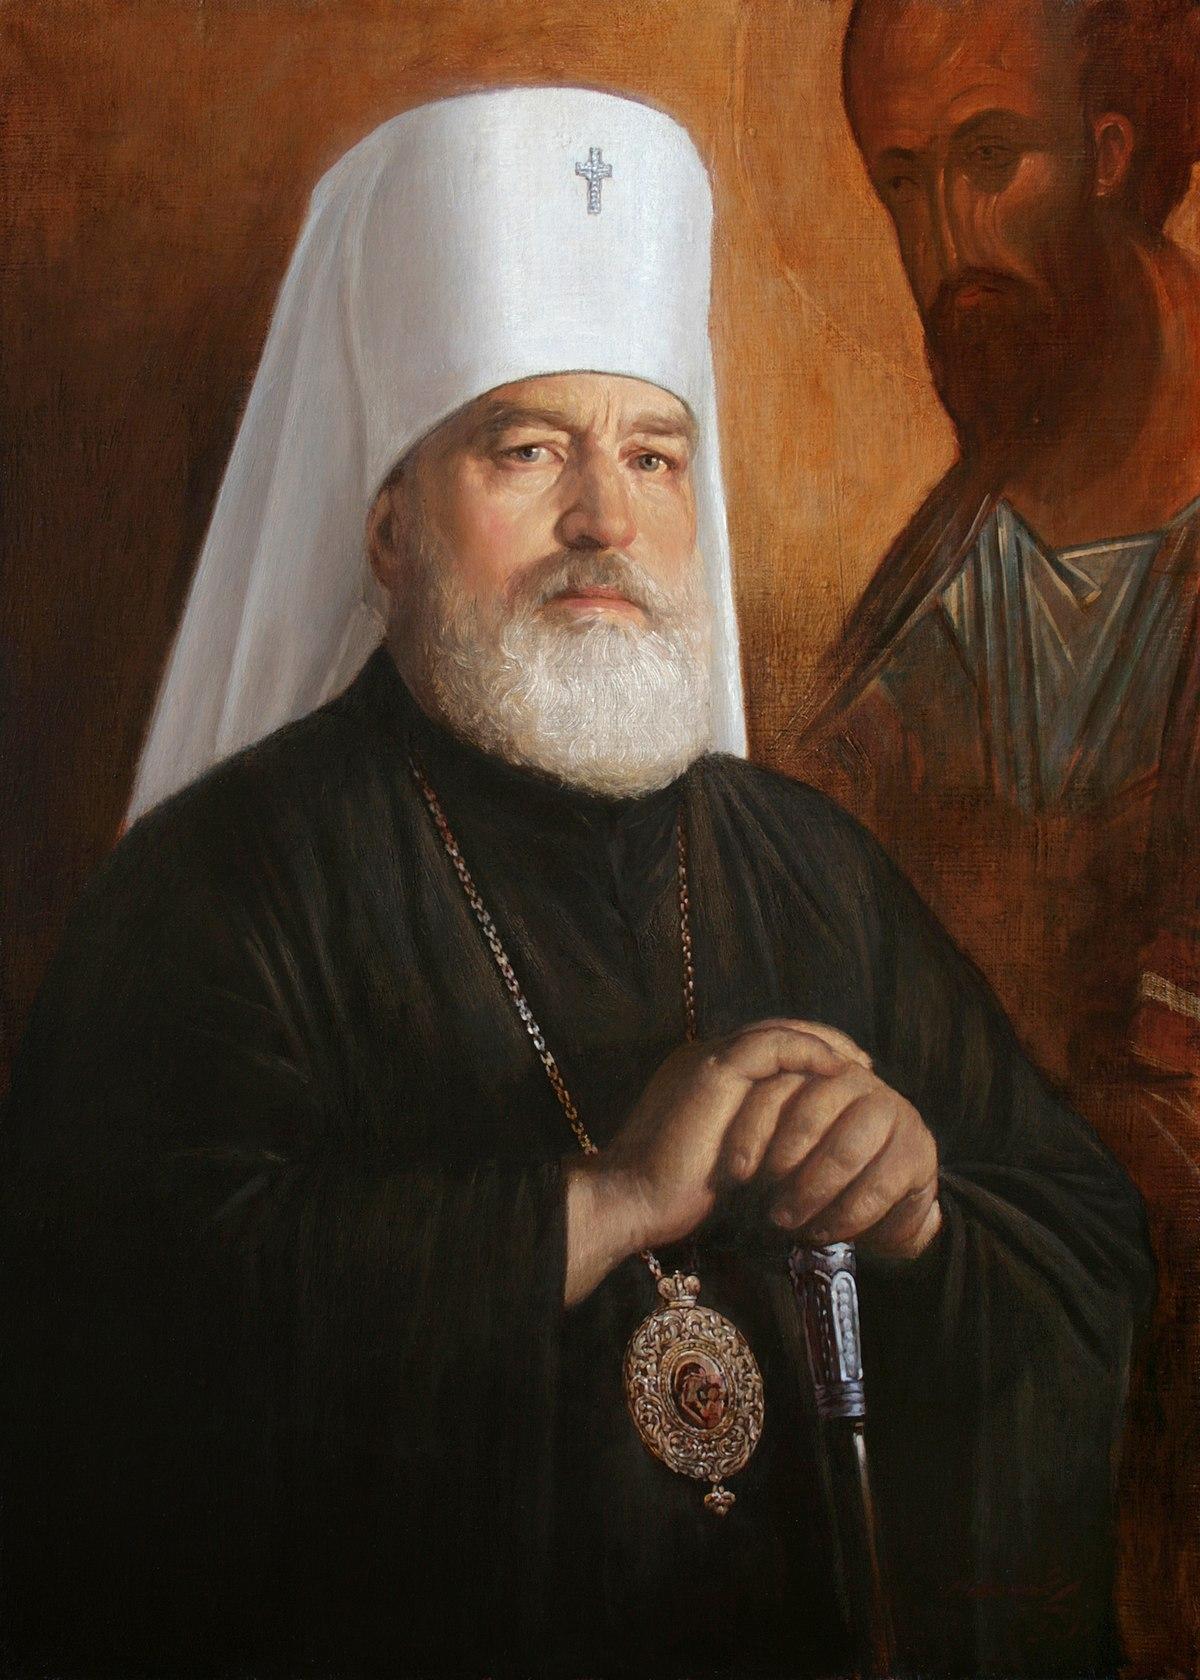 Павел Понома�ёв � Википедия